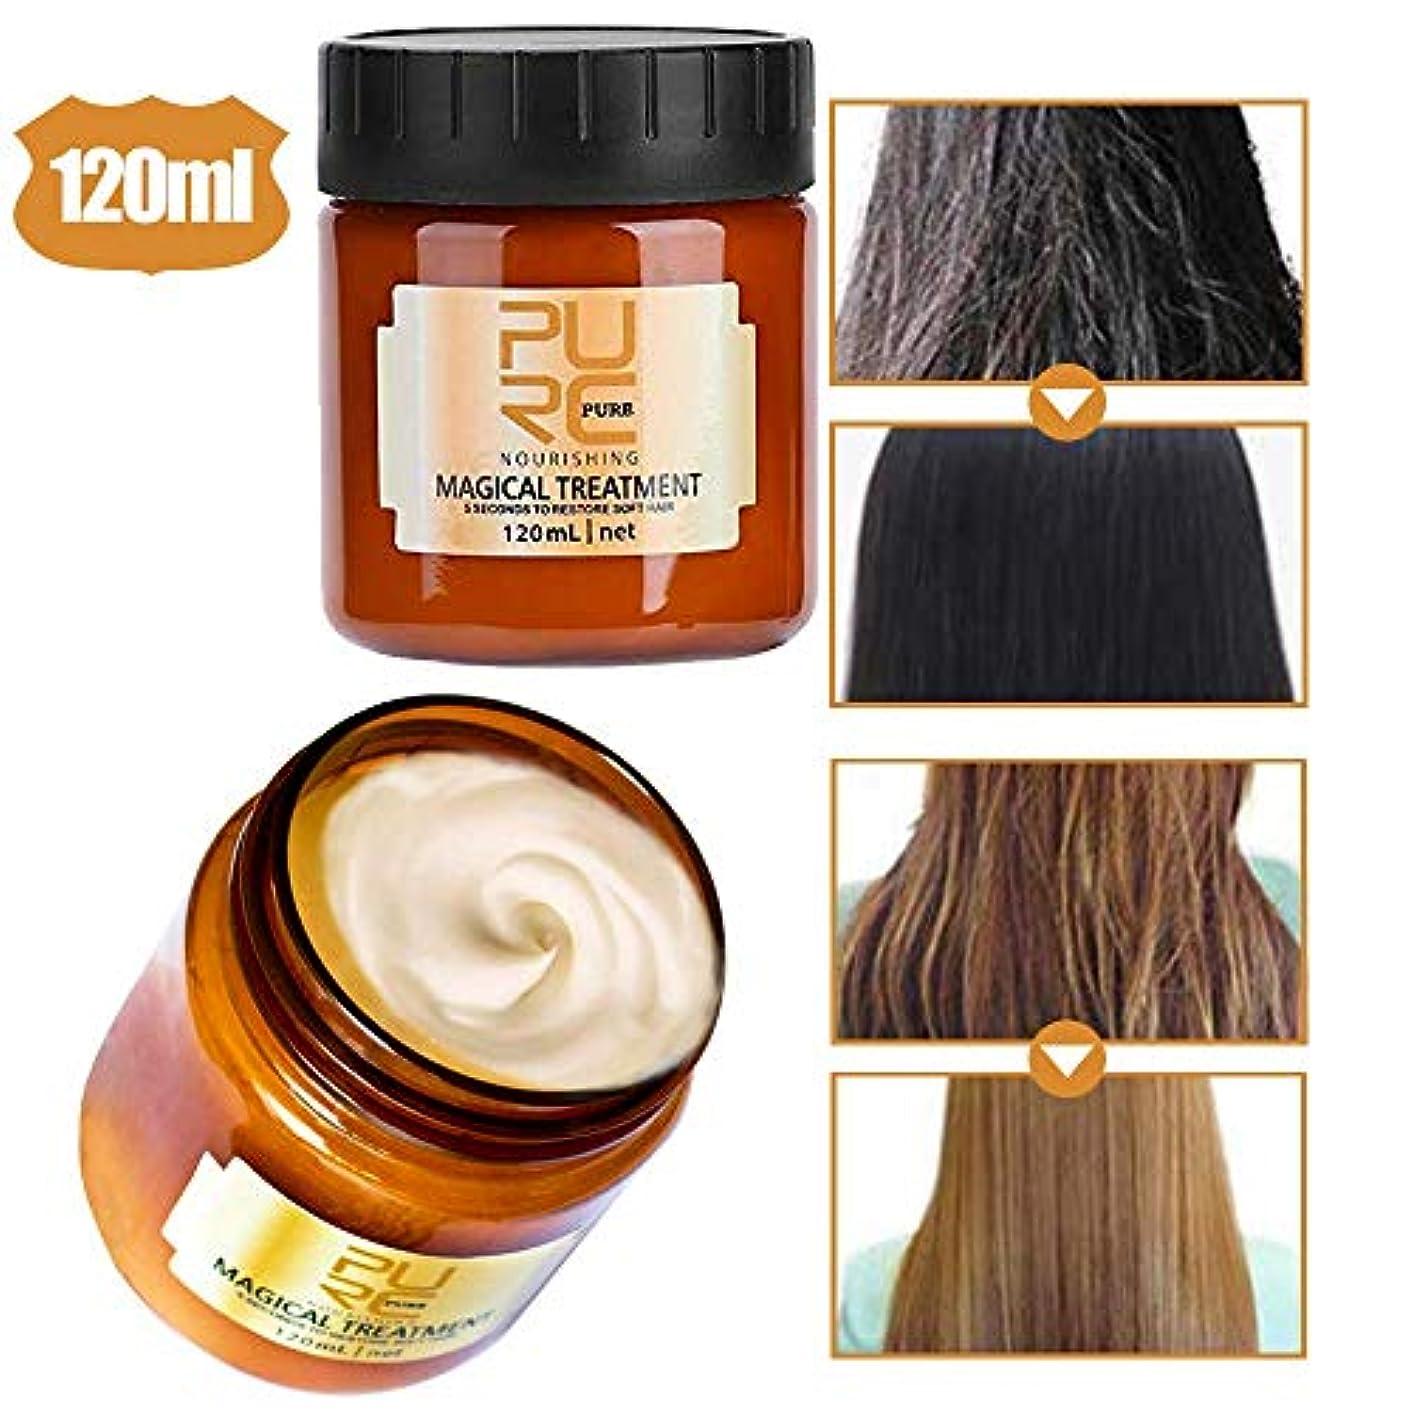 アイスクリームつぶやき民主党Odette 2019 ヘアケアエッセンスルートトリートメント乾燥した髪を改善躁髪質を改善し、健康的で柔らかい髪を回復する栄養ケアを達成効果的で便利なヘアケアクリーム (120ml) (1pcs)